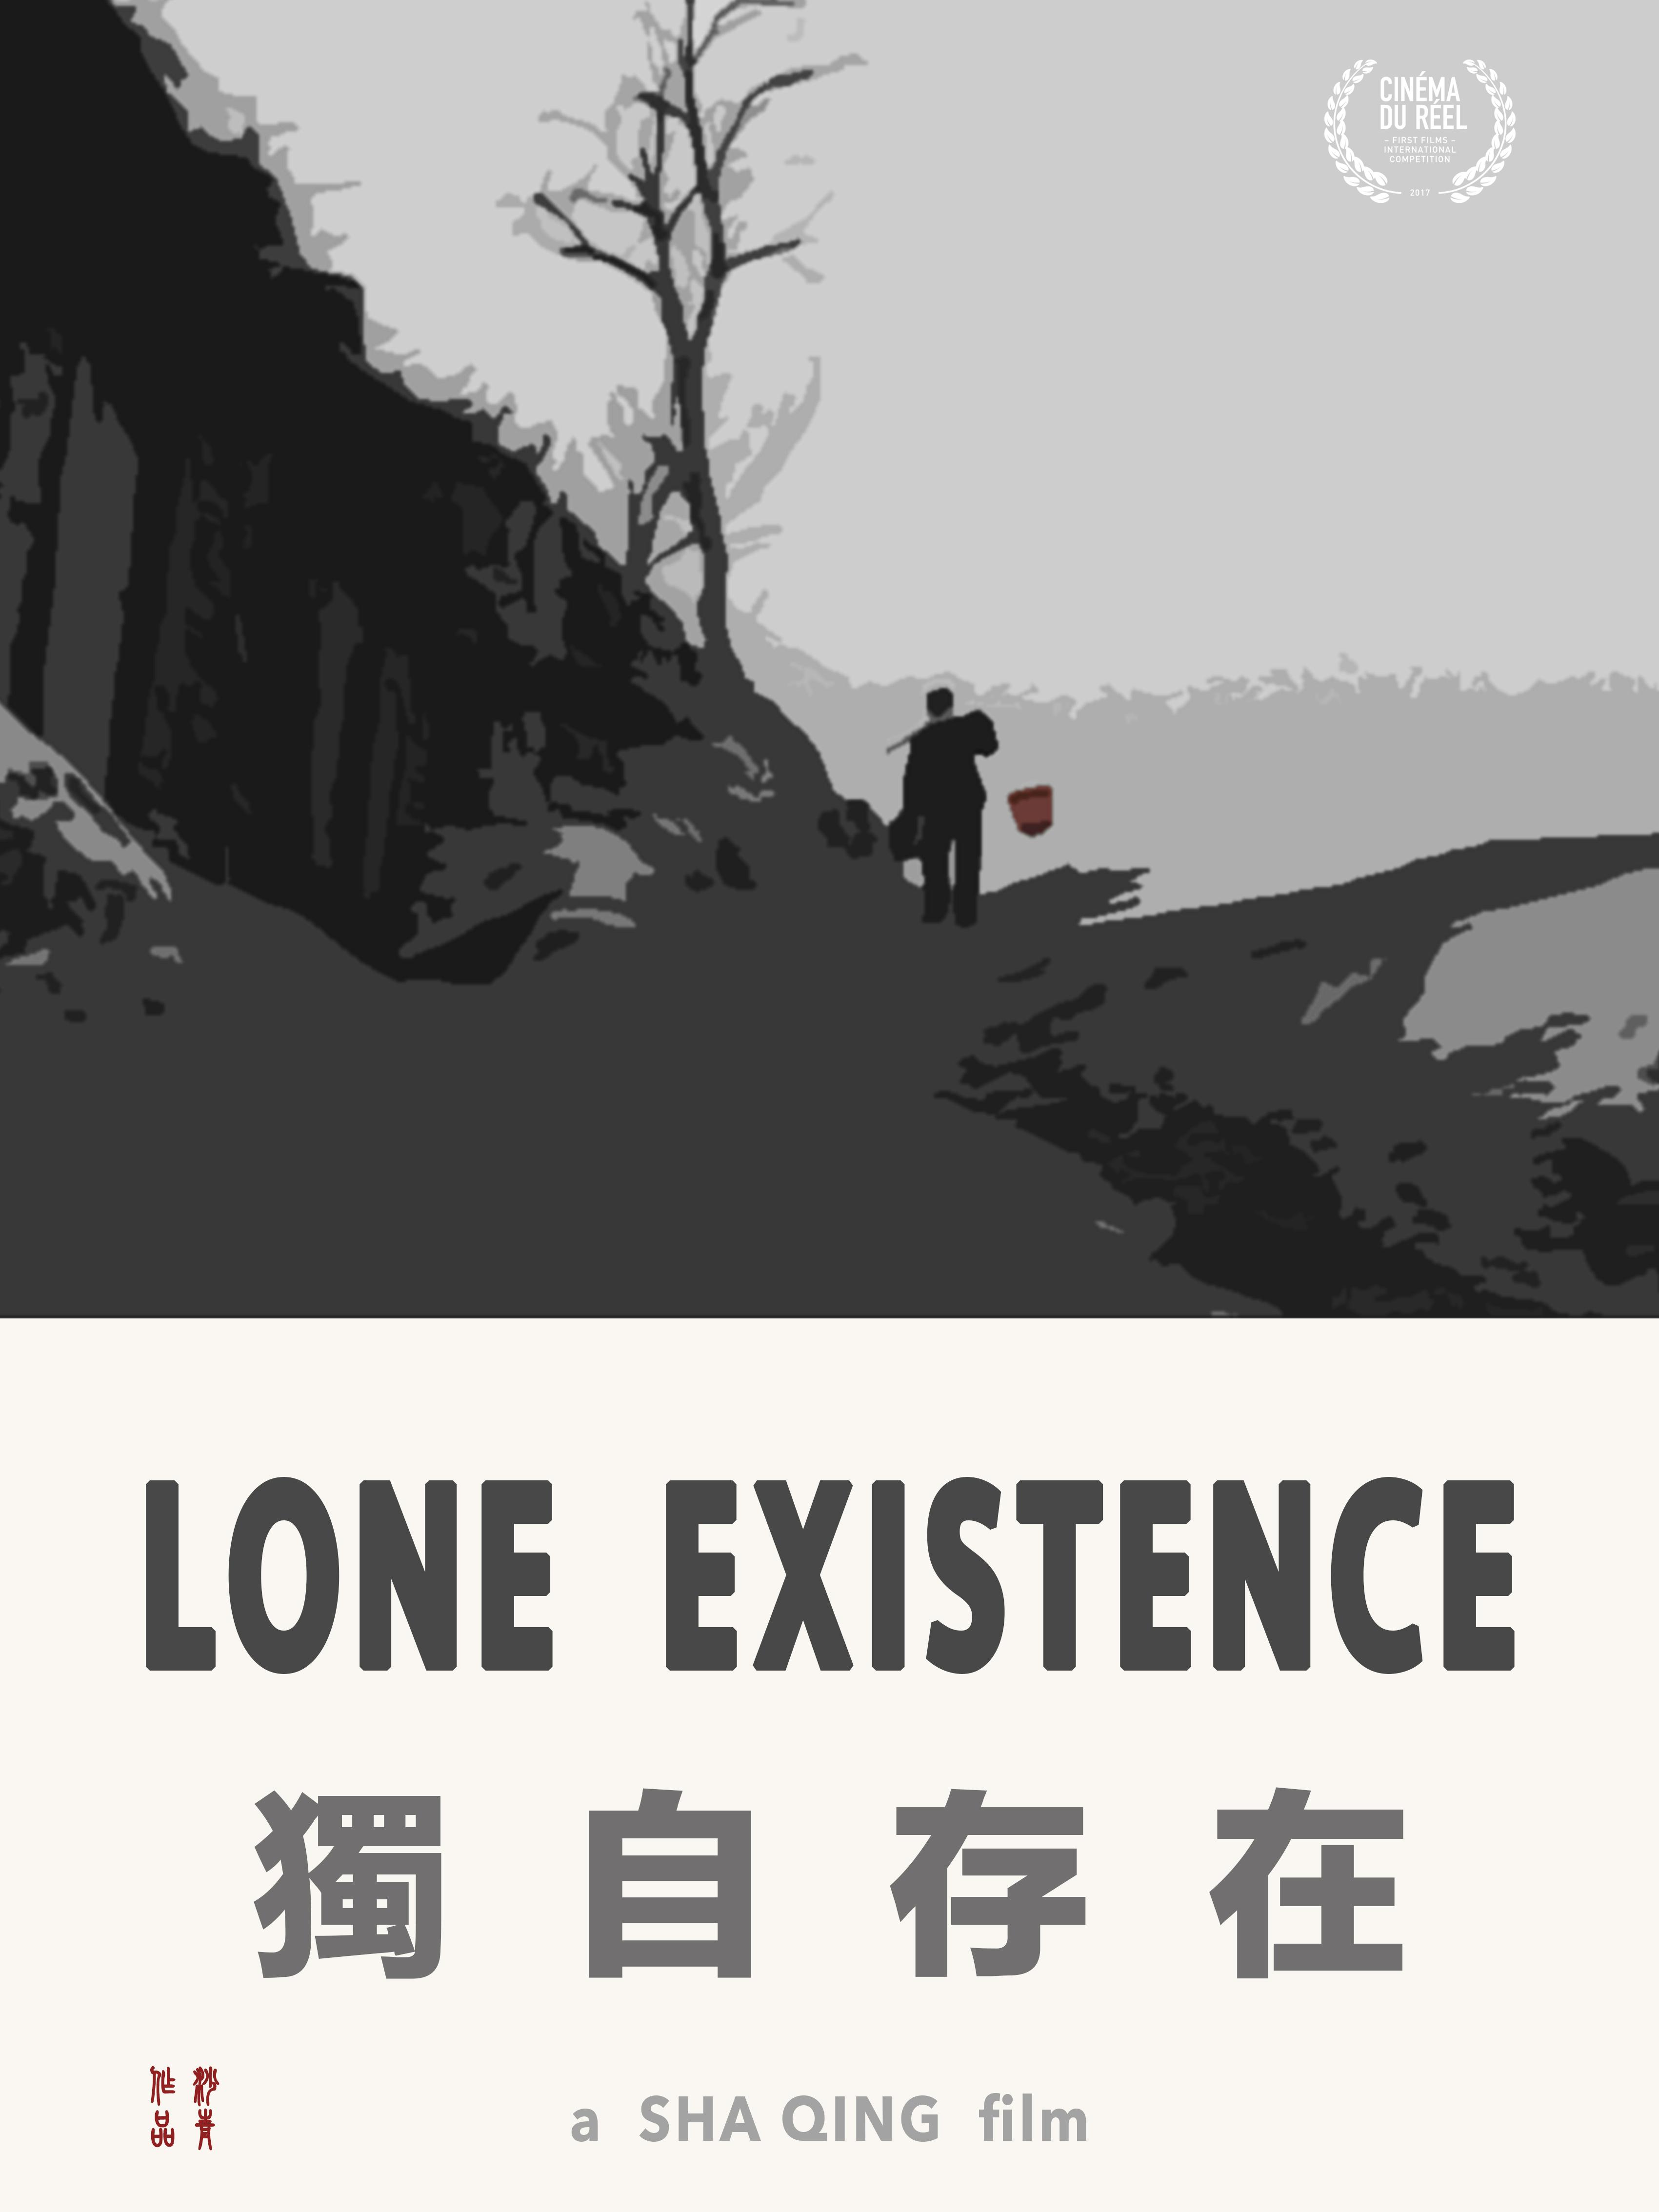 Lone Existence | SHA, Qing (Réalisateur)